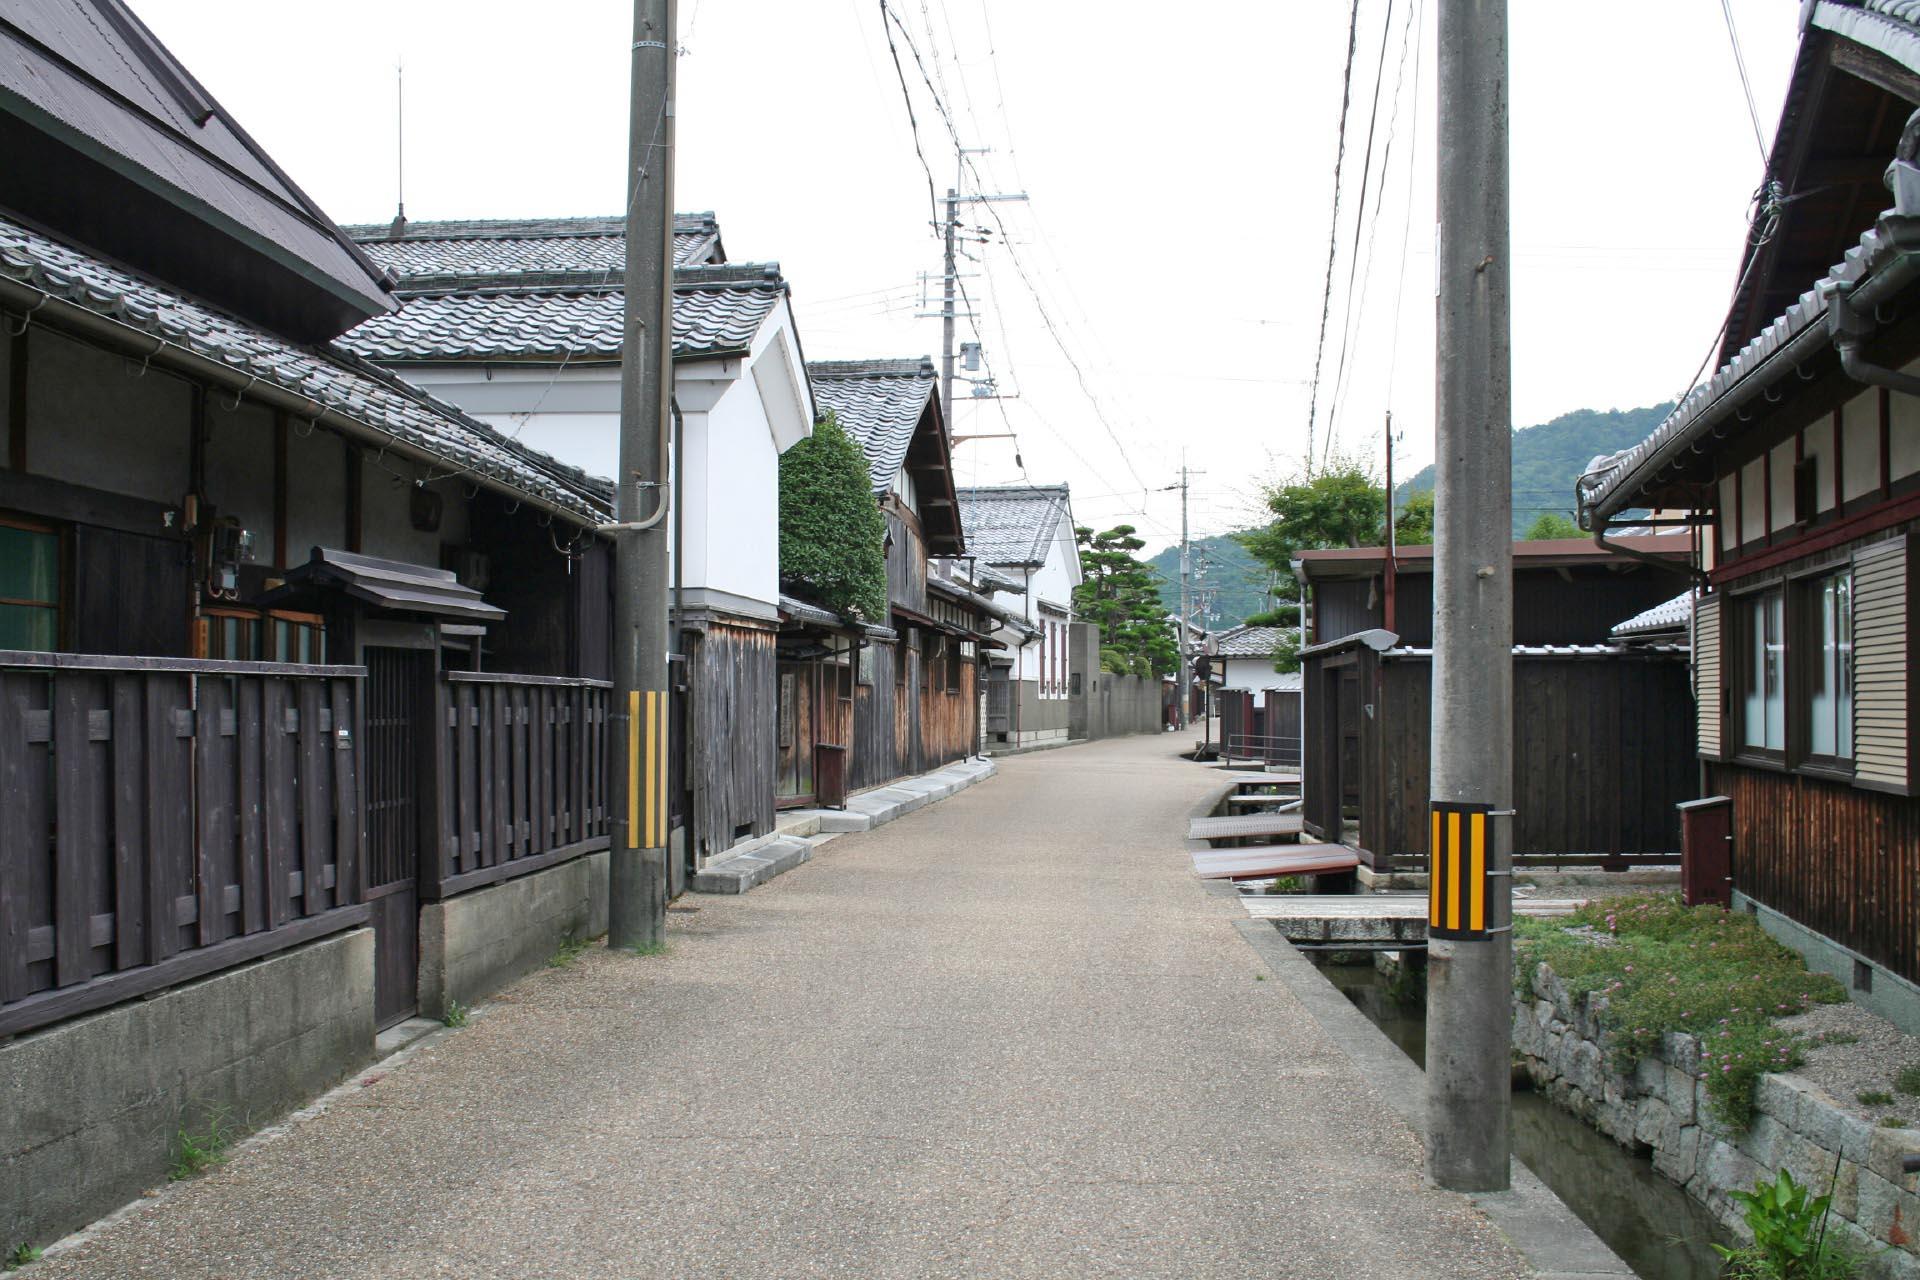 五個荘金堂の町並み 滋賀の風景